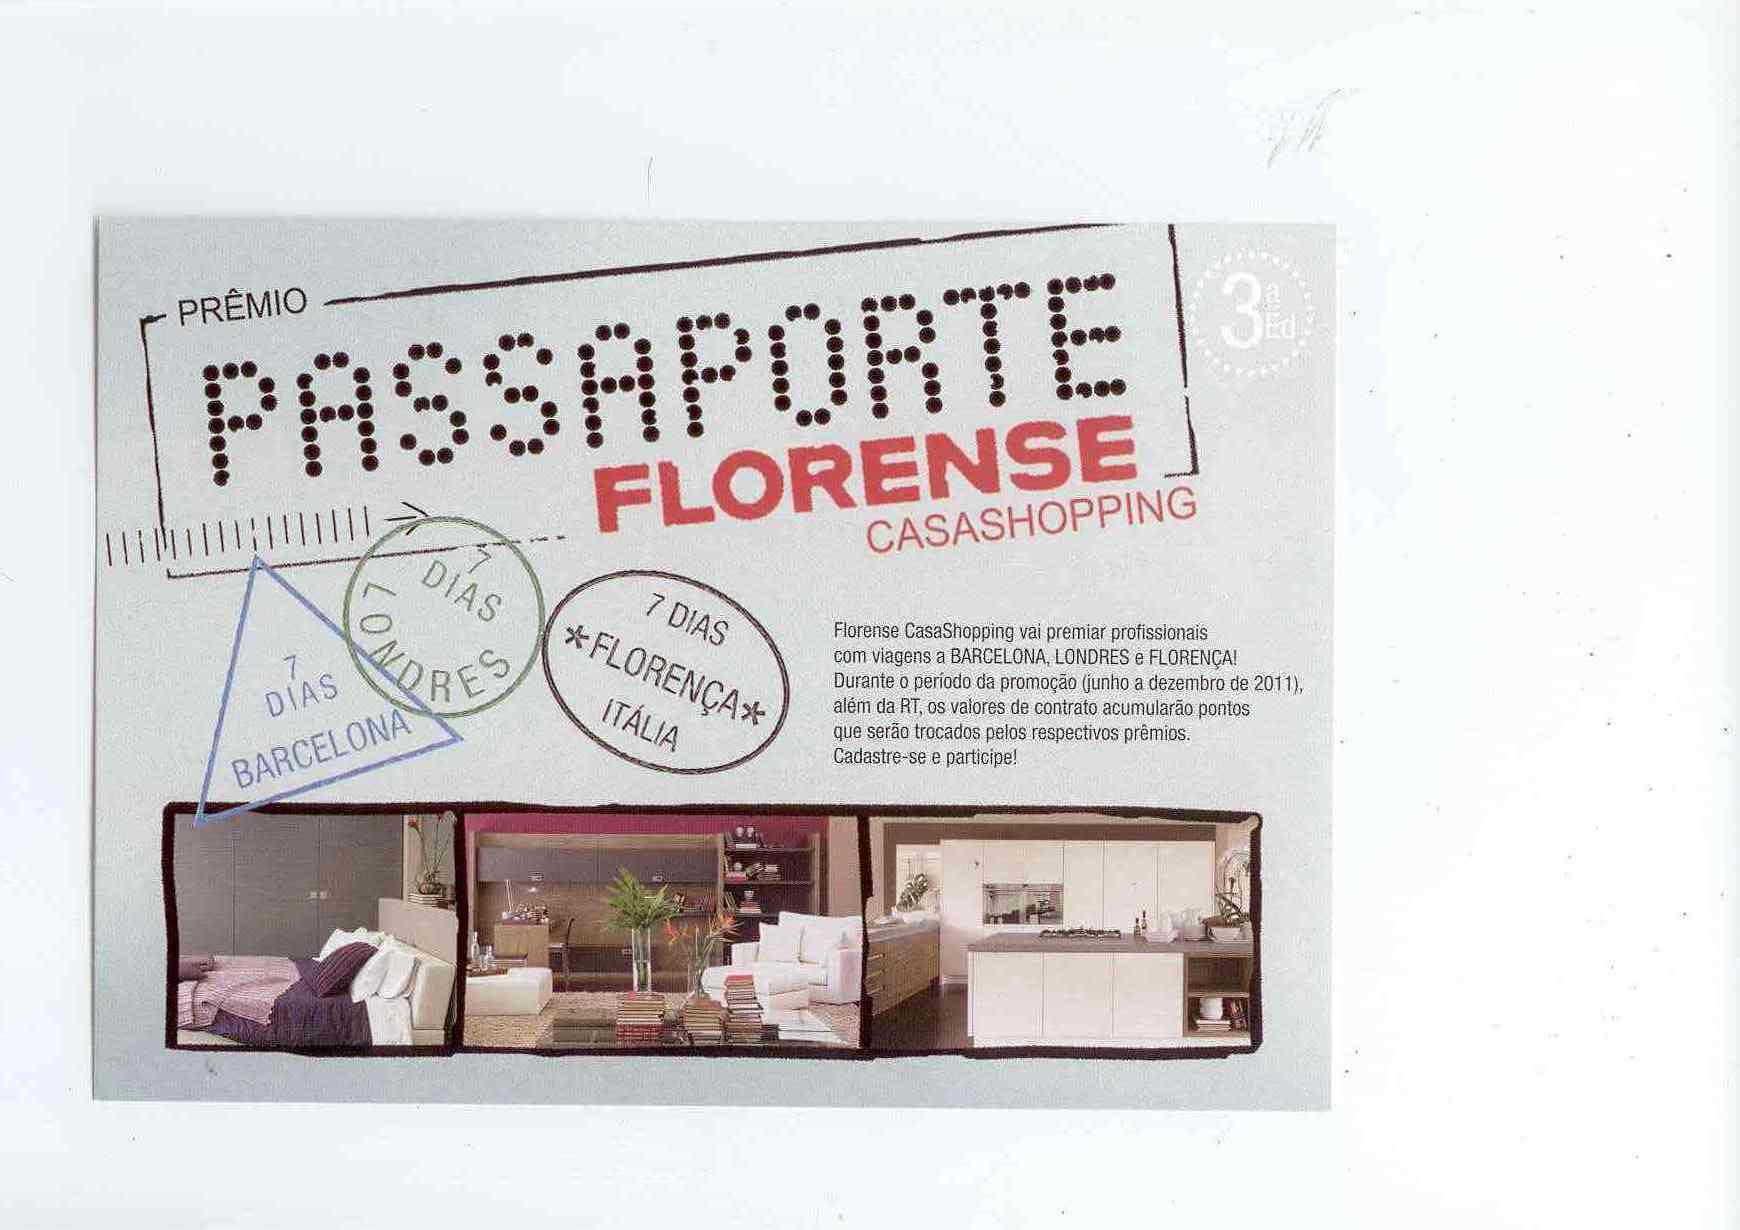 Ganhadores do Passaporte Florense